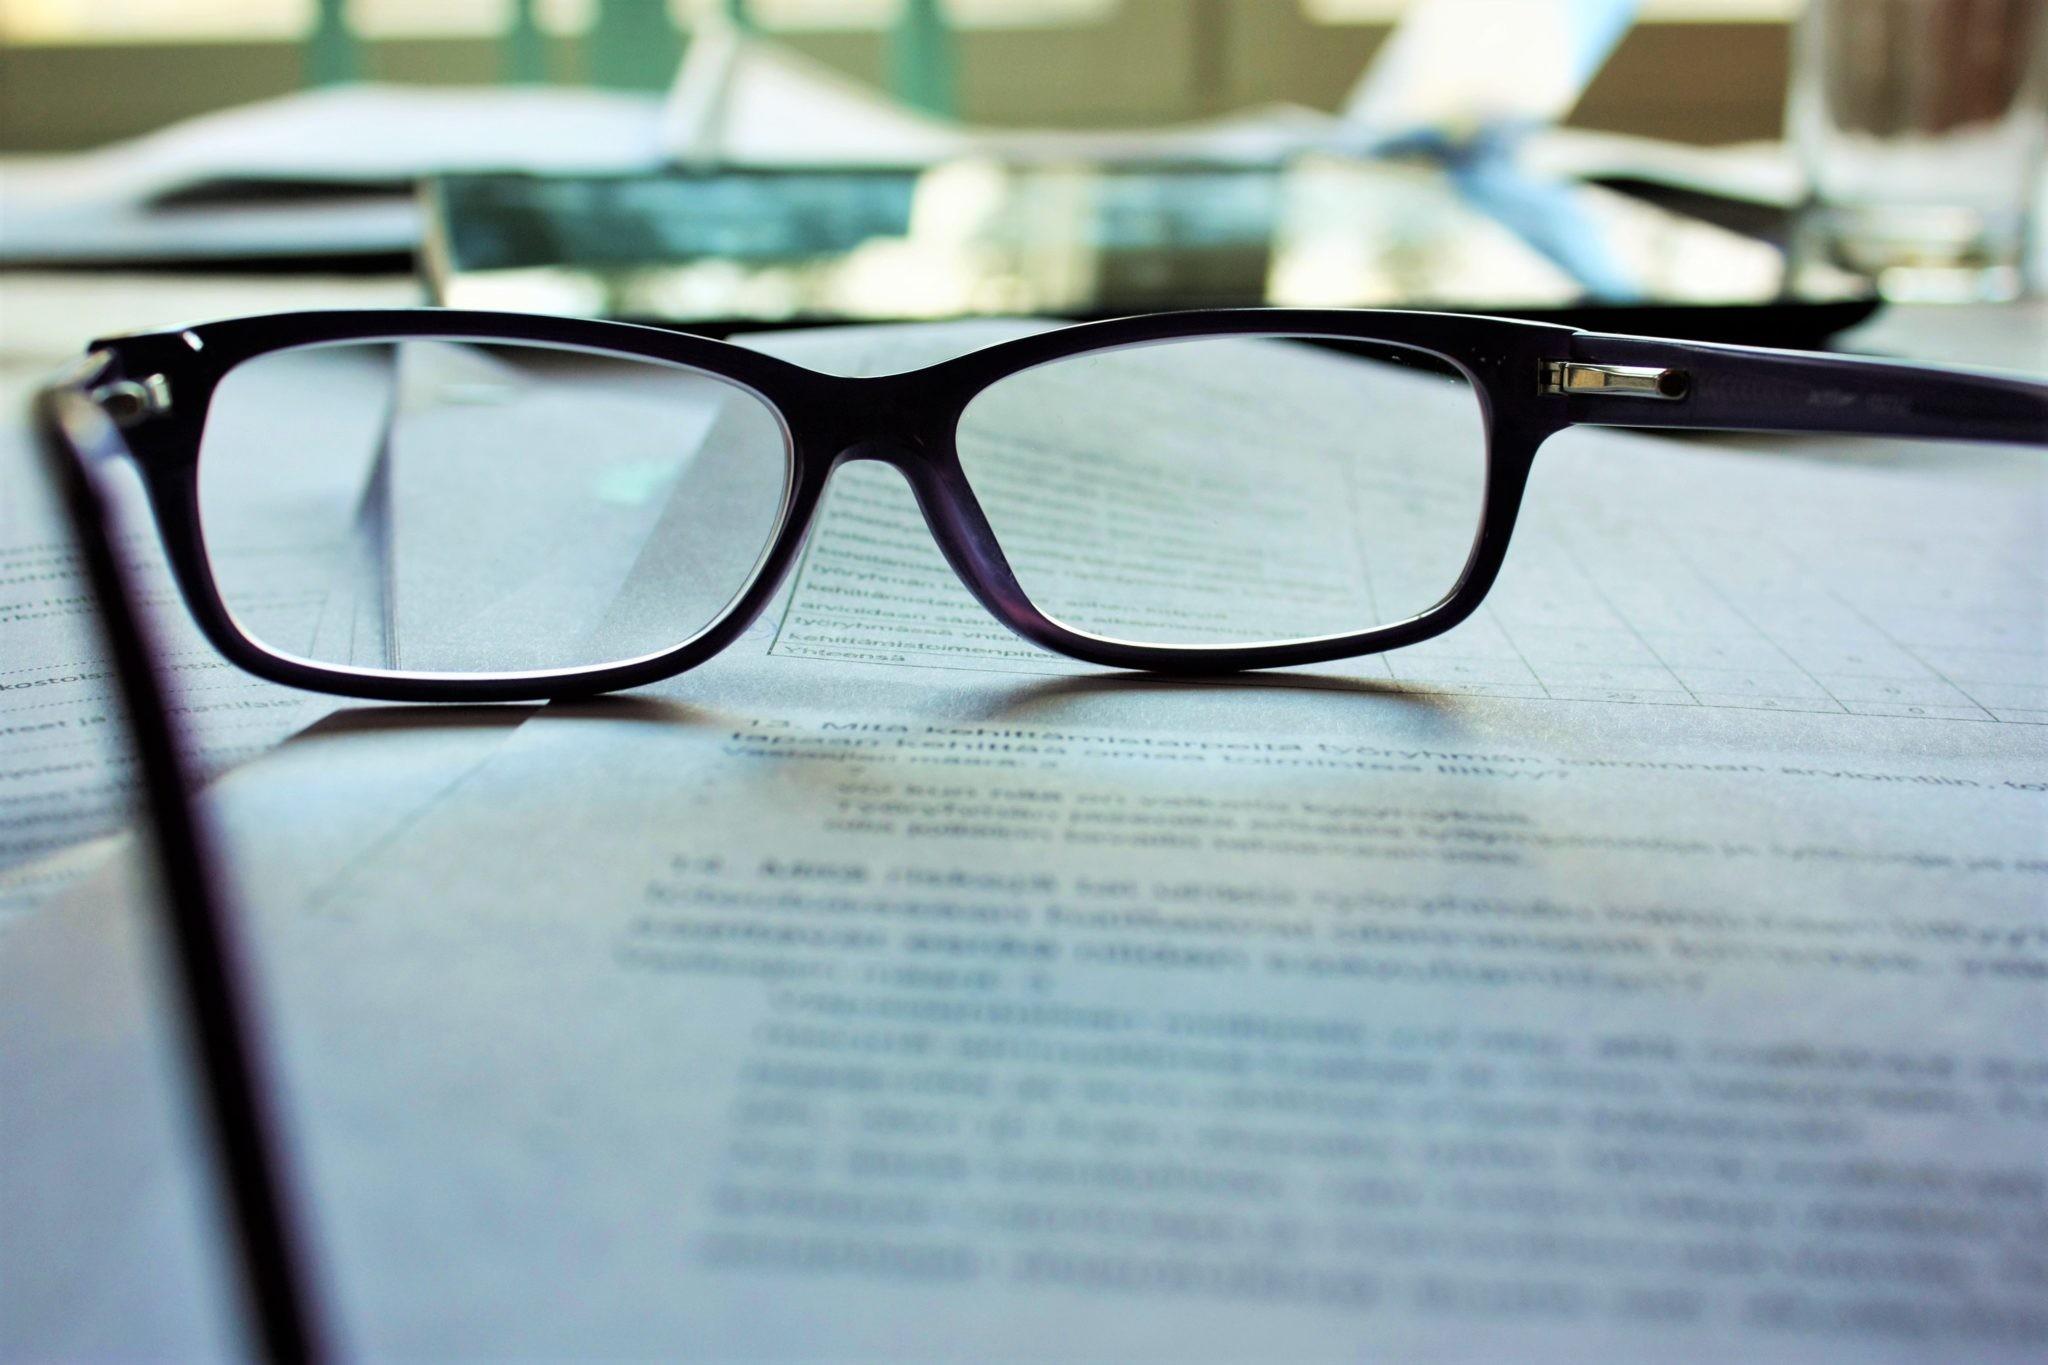 Новые законы в 2018 году: что нужно знать?